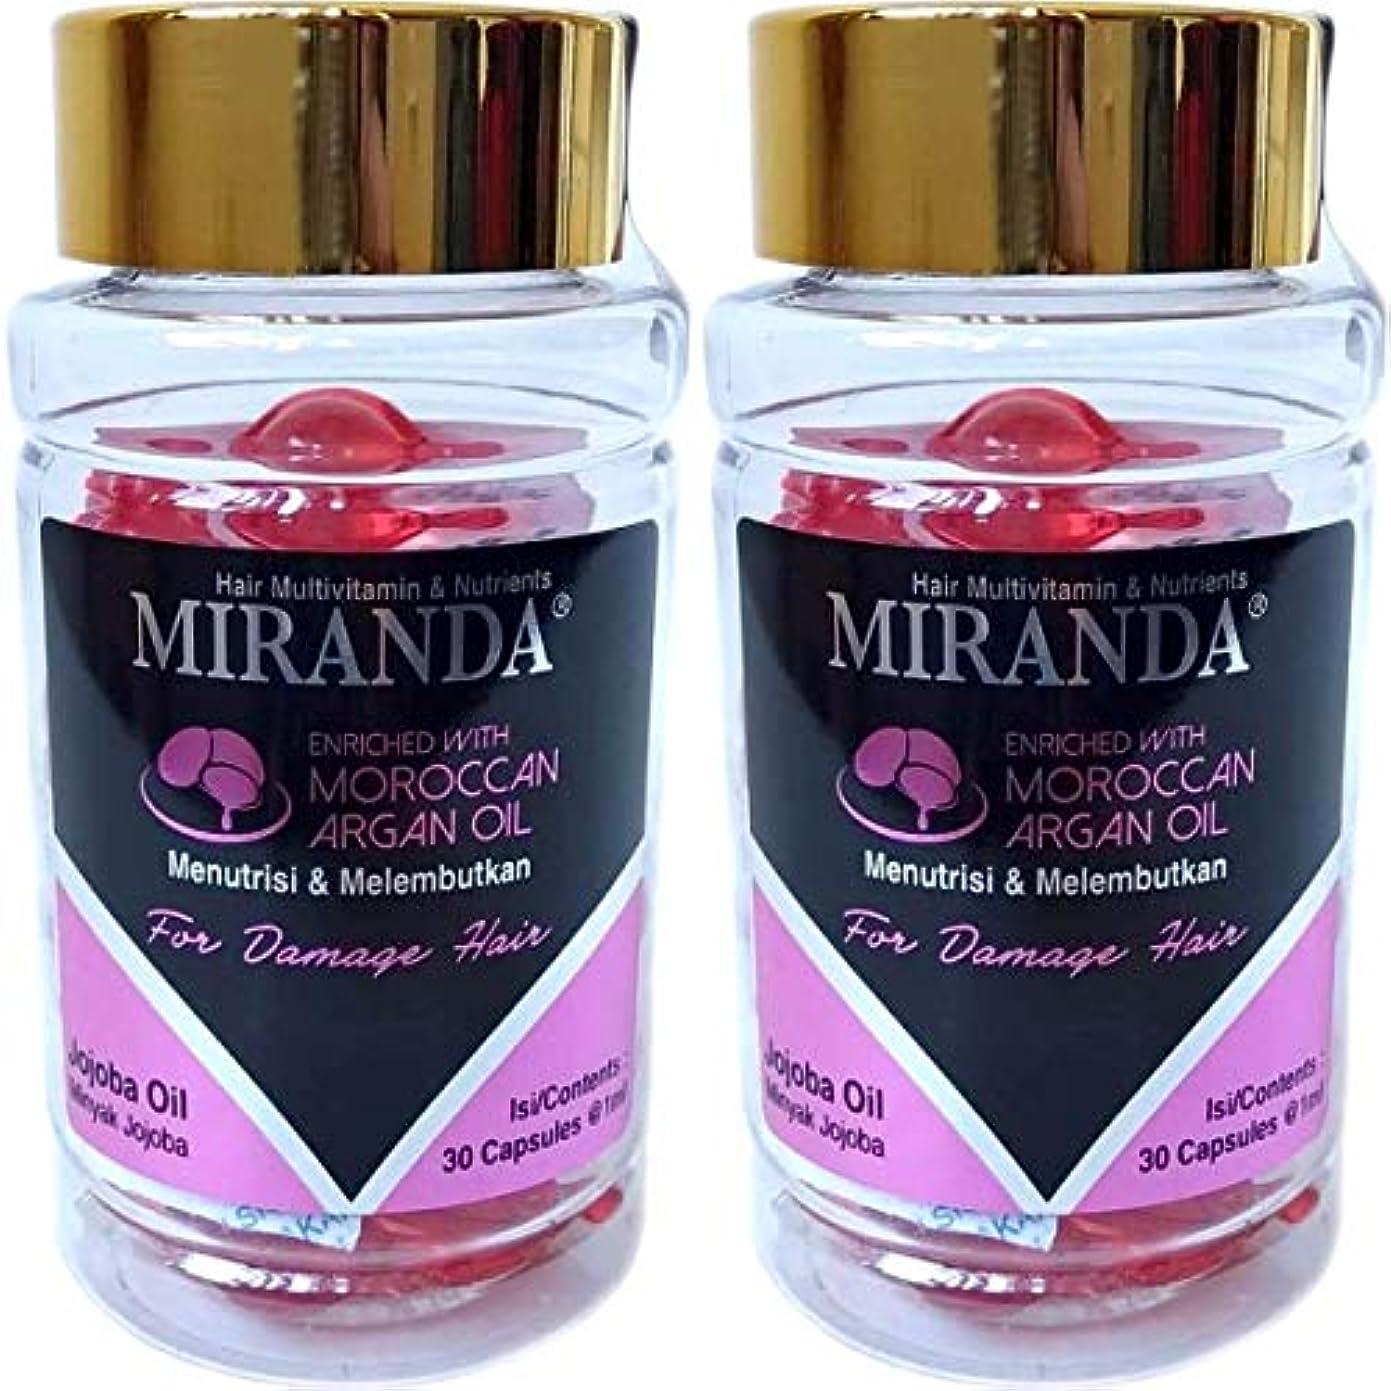 傾く刈り取るフォームMIRANDA ミランダ Hair Multivitamin&Nutrients ヘアマルチビタミン ニュートリエンツ 洗い流さないヘアトリートメント 30粒入ボトル×2個セット Jojoba oil ホホバオイル [海外直送品]